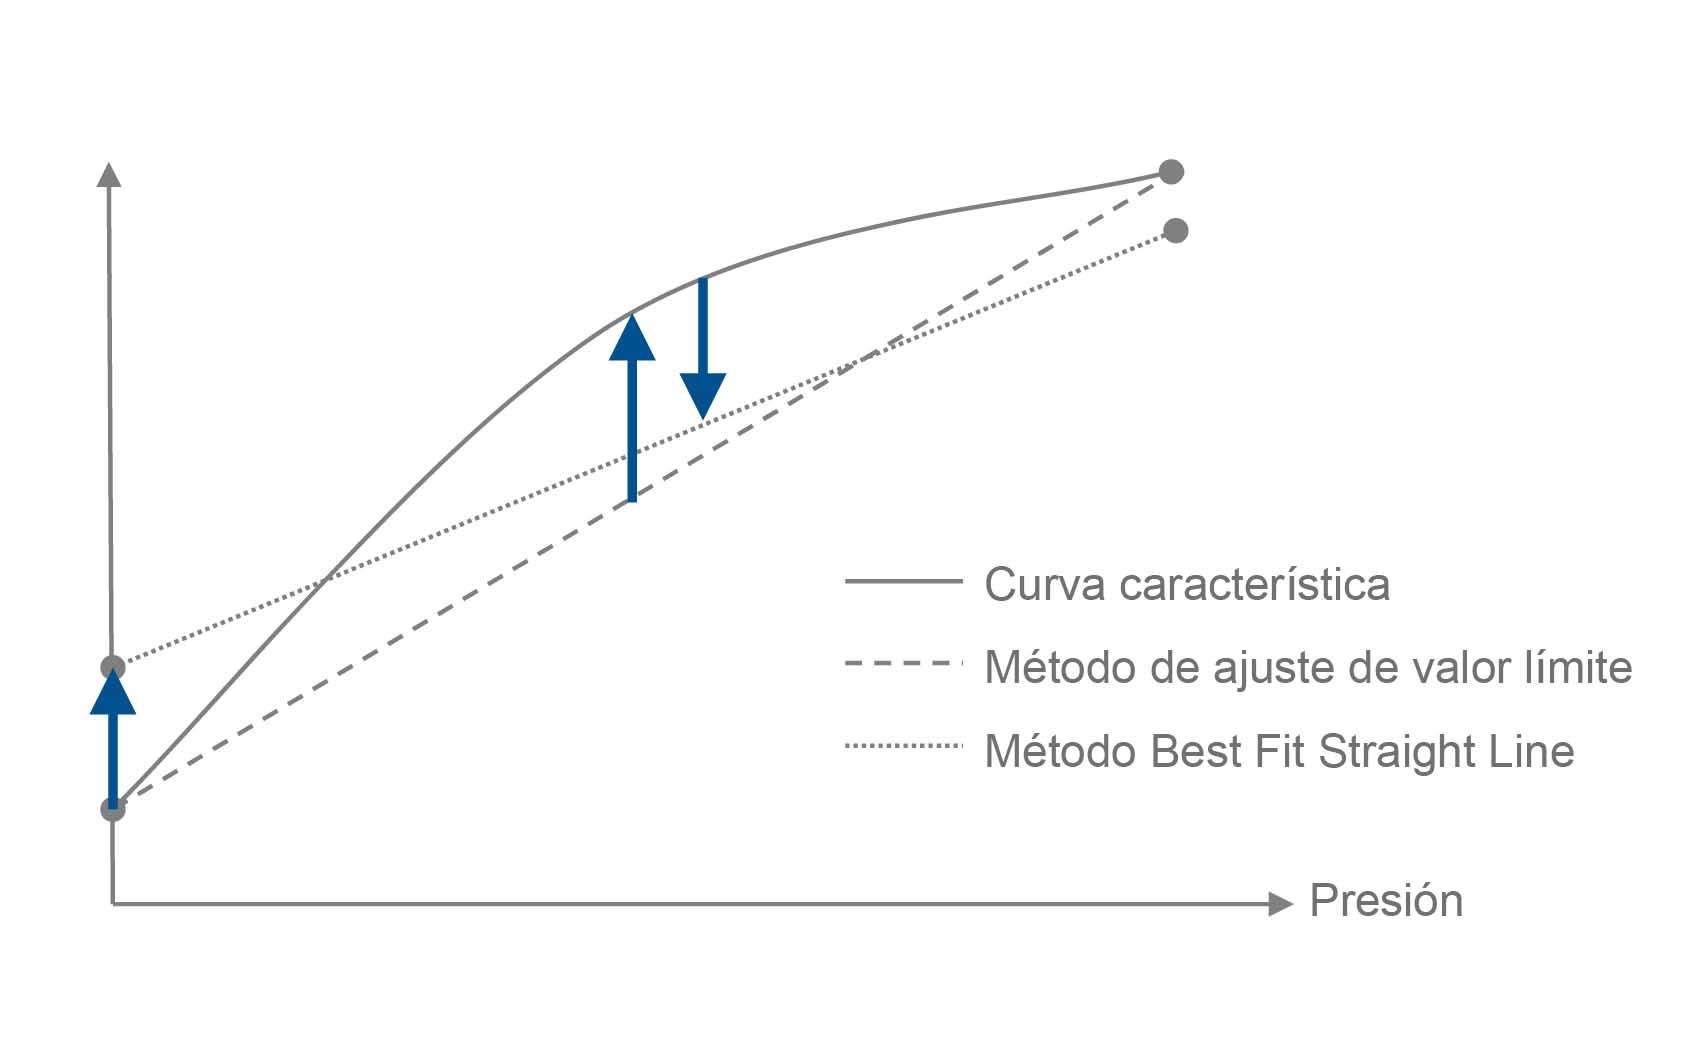 Transmisor de presión 2